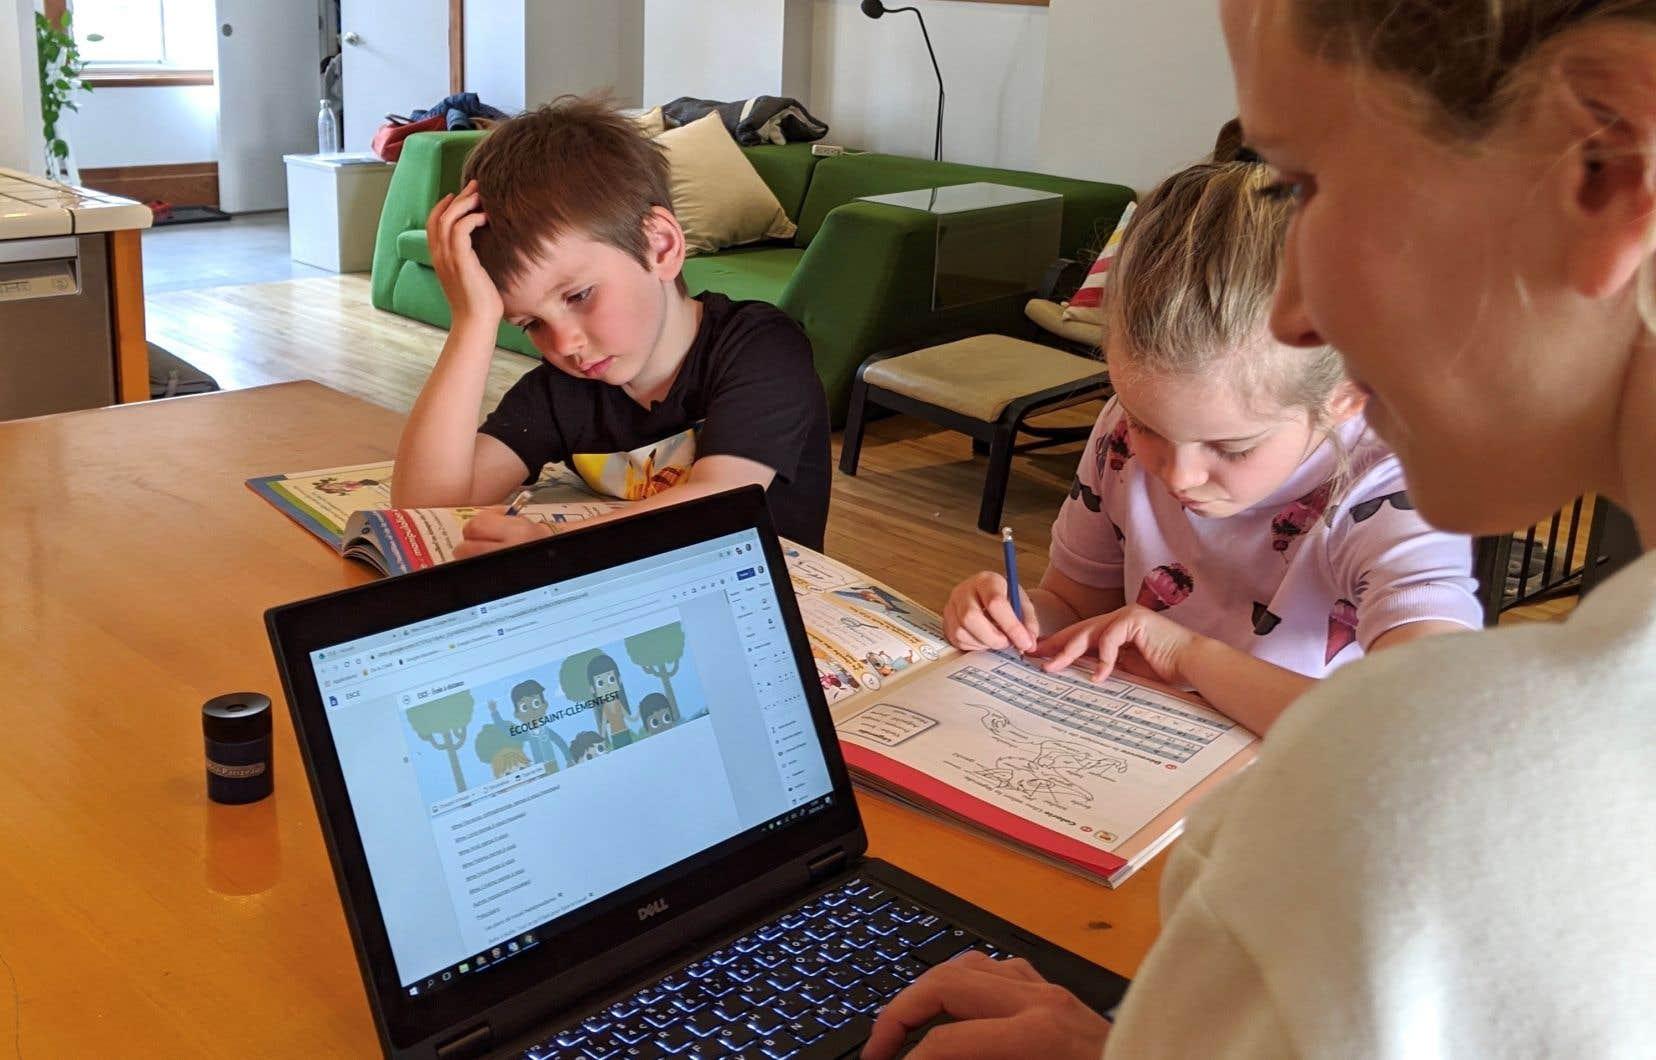 La directrice de l'école primaire Saint-Clément, Cindy Bernier, doit elle aussi concilier le télétravail et la vie de famille.